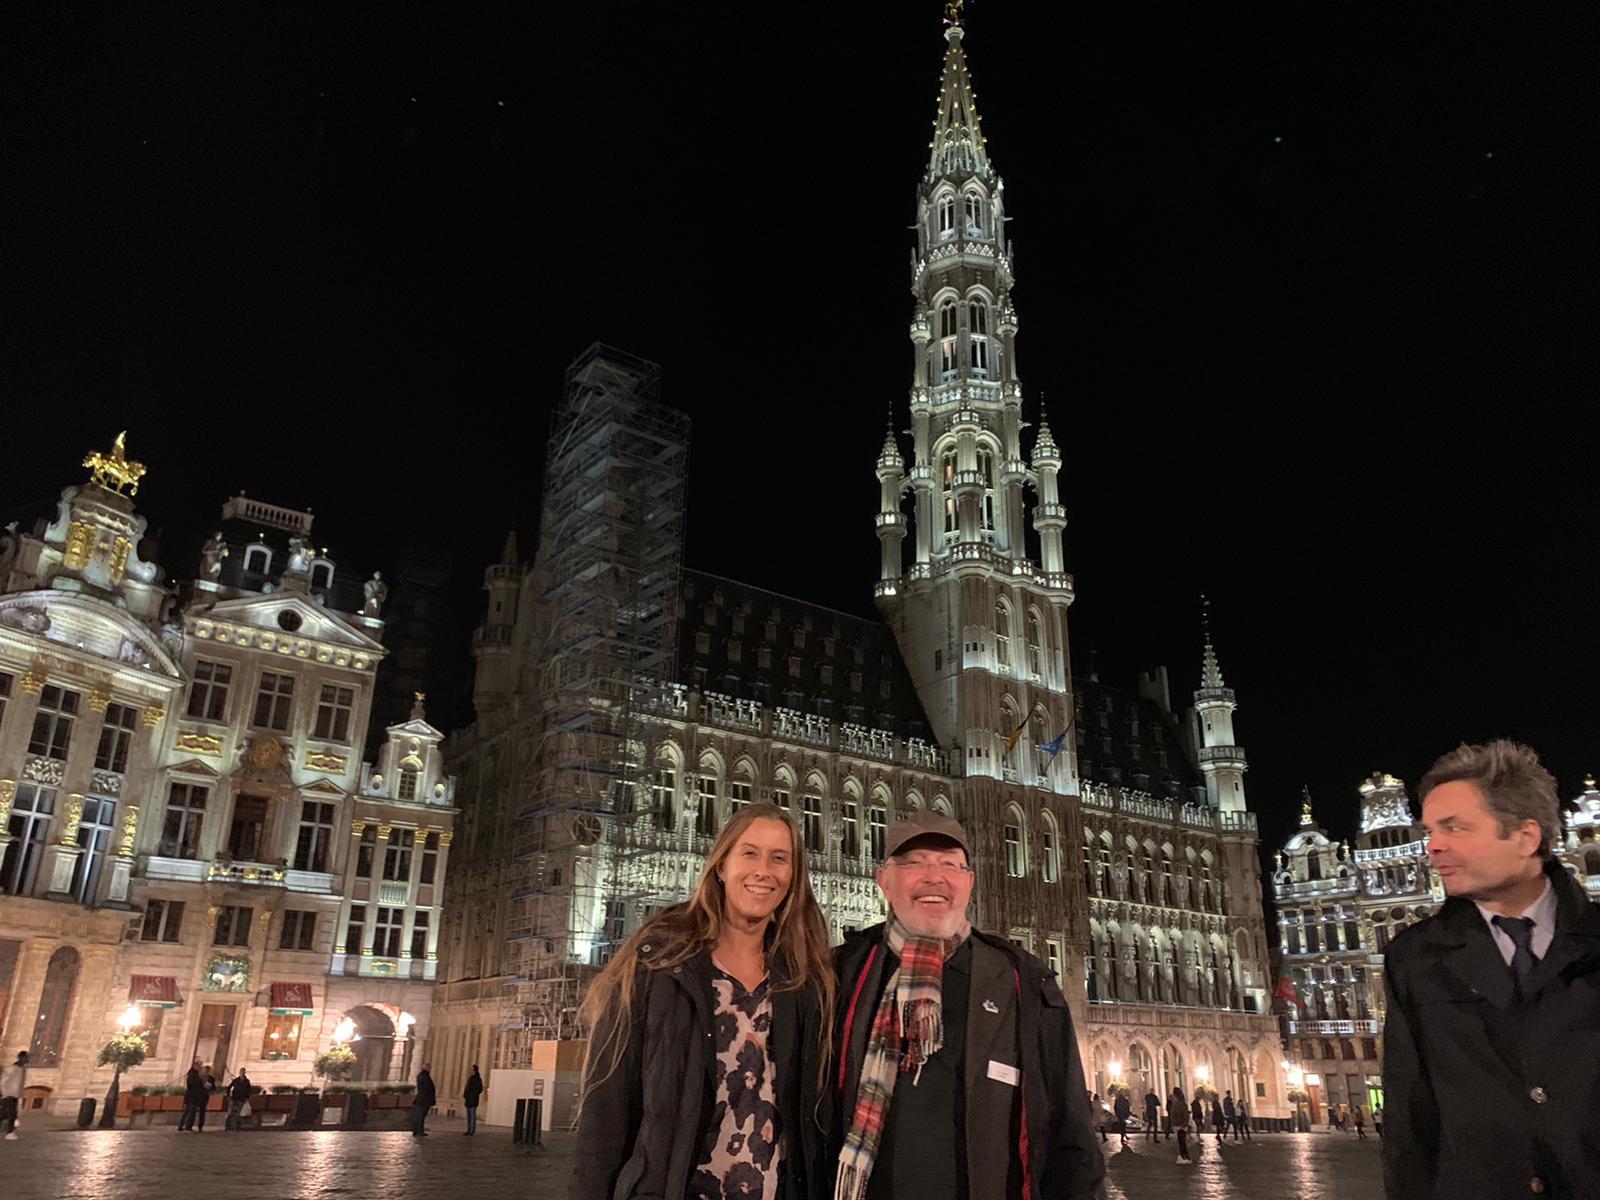 BRSI Vorstand Dr. Dieter Körner mit Kollegen auf dem Brüsseler Marktplatz